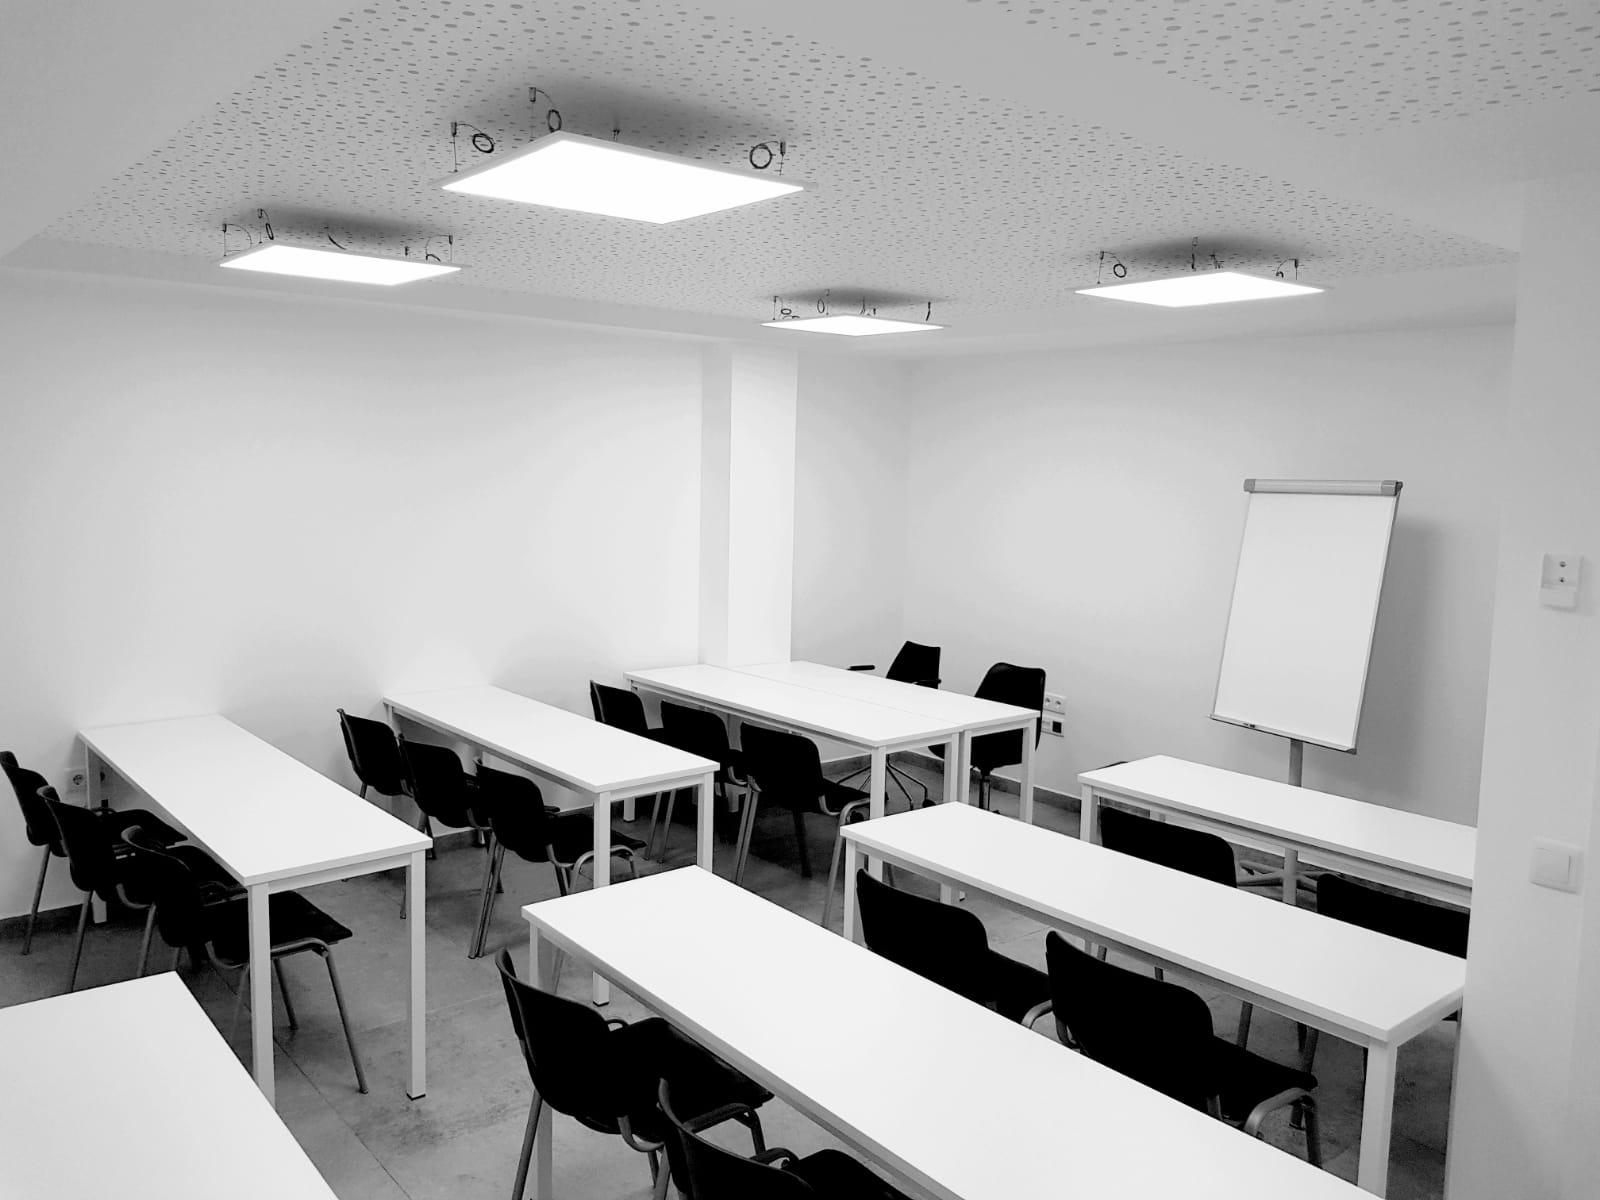 Sala Aula en alquiler en Castellón en Centro de Negocios Bono